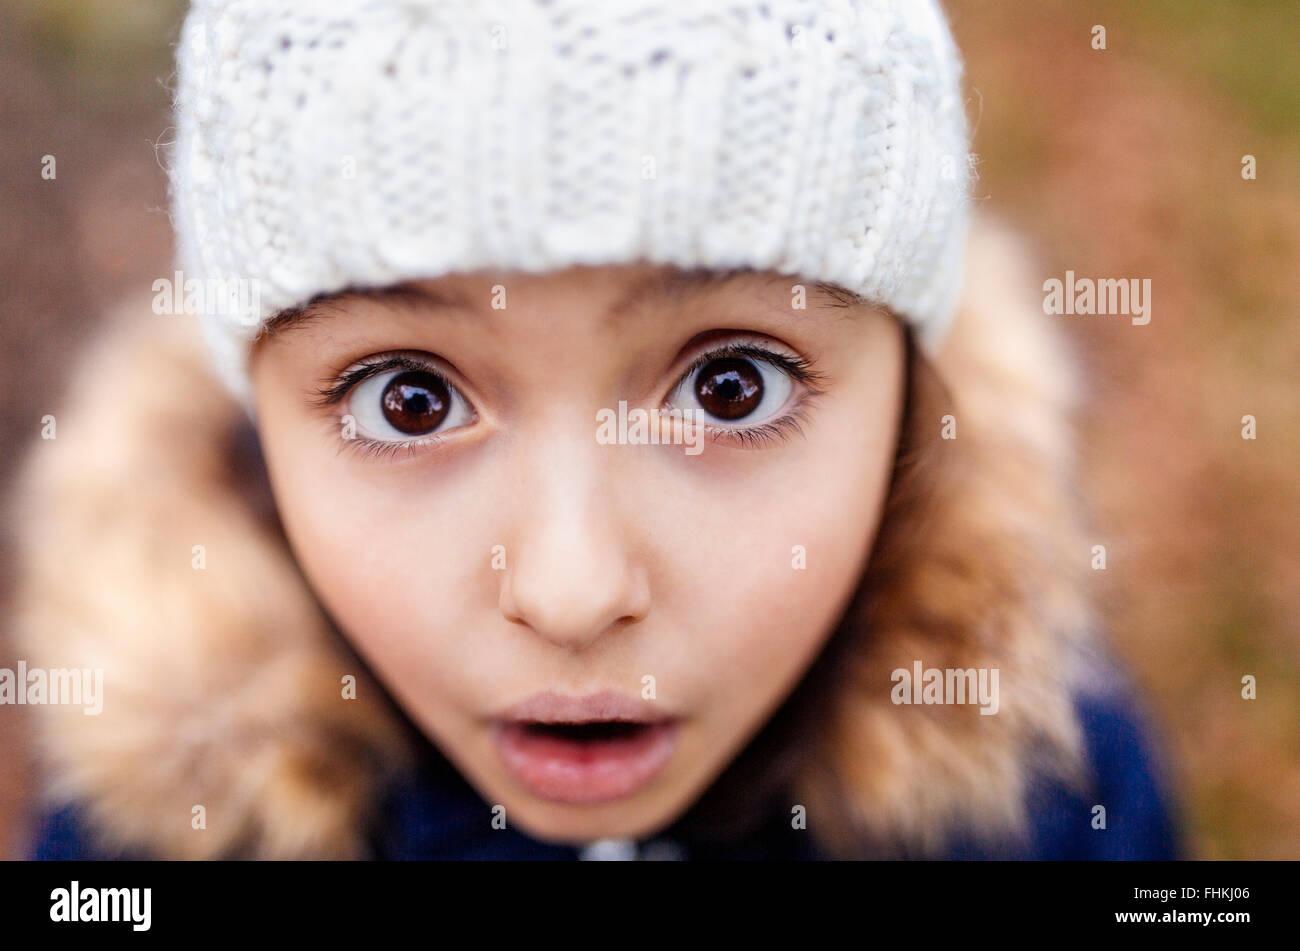 Ritratto di bambina con gli occhi aperti Immagini Stock